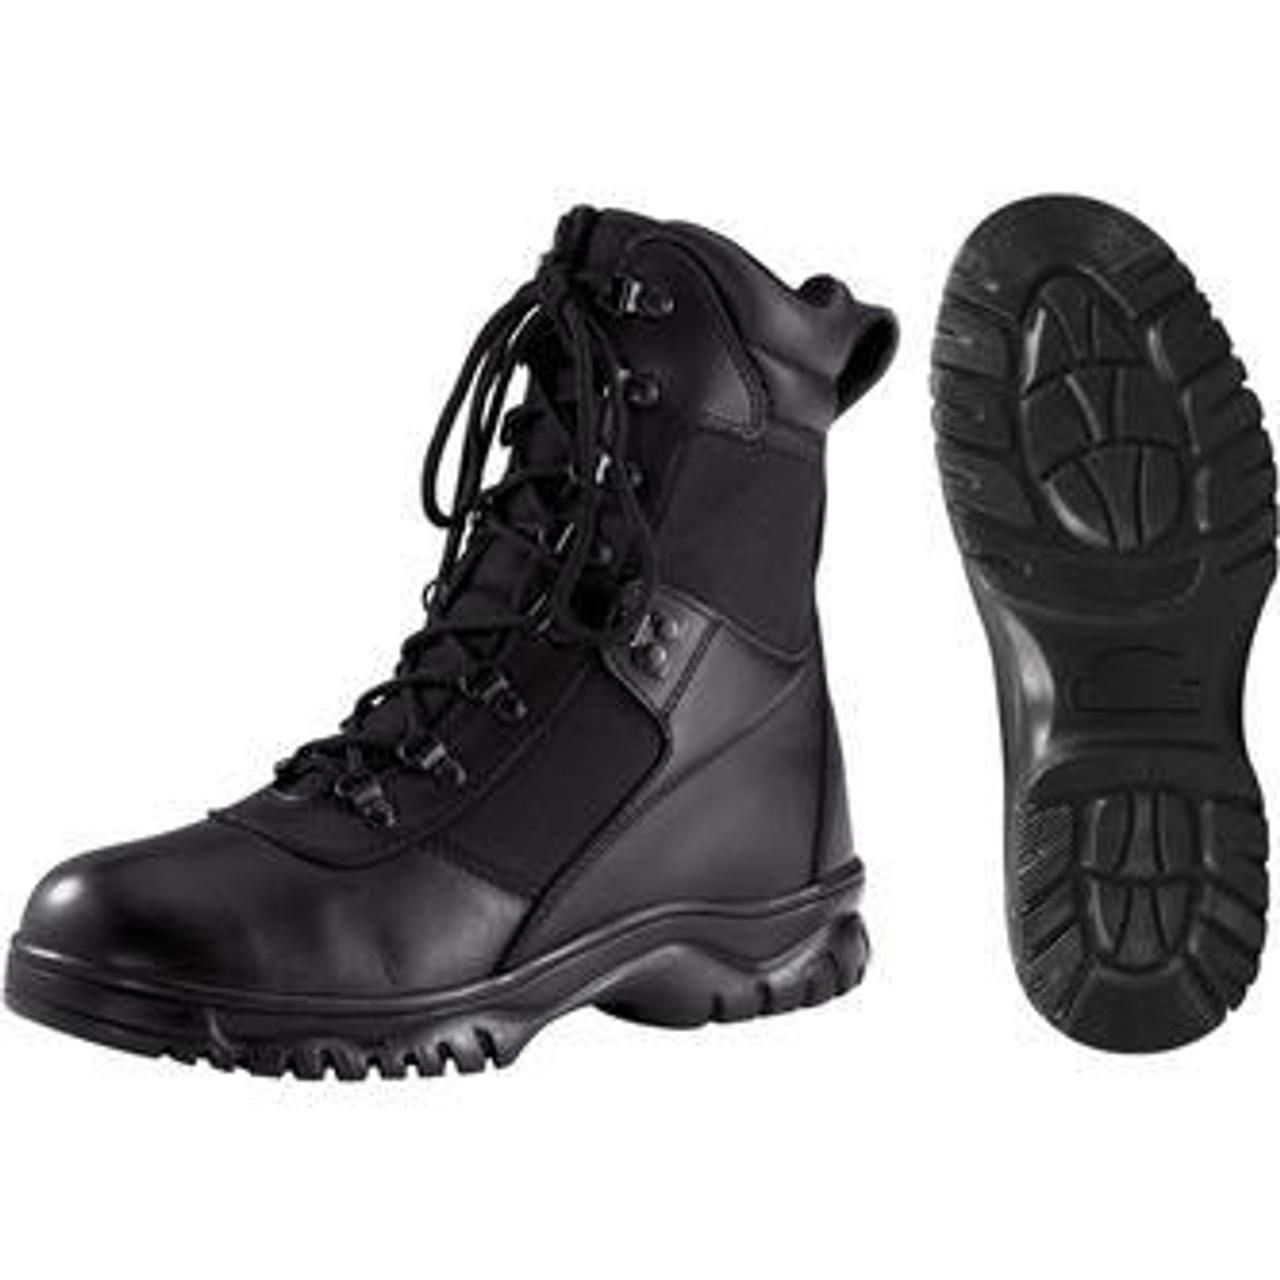 Rothco Boots